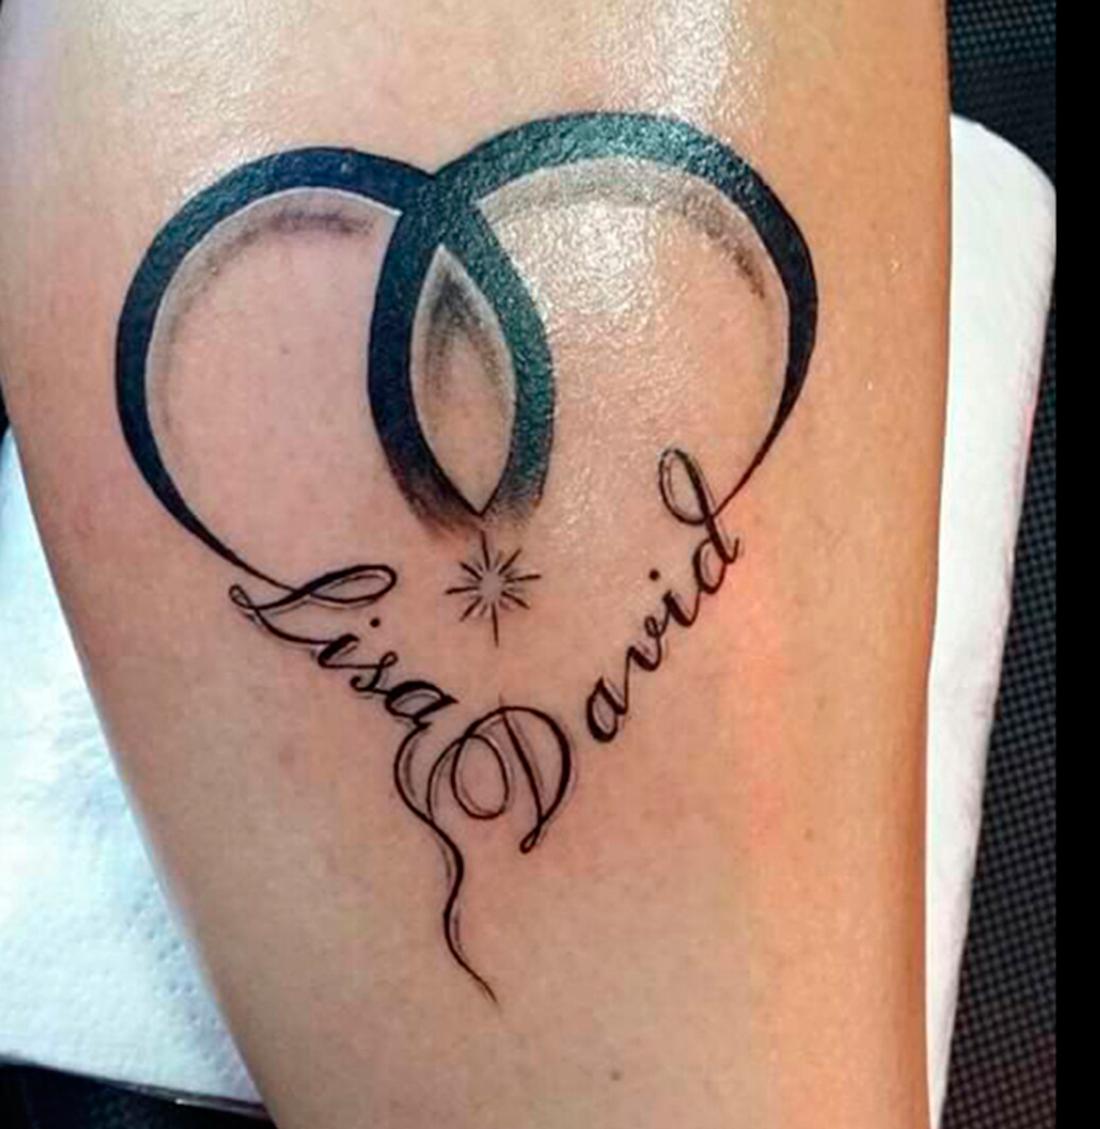 Egendesignad tatuering med barnens namn. Foto: Privat.